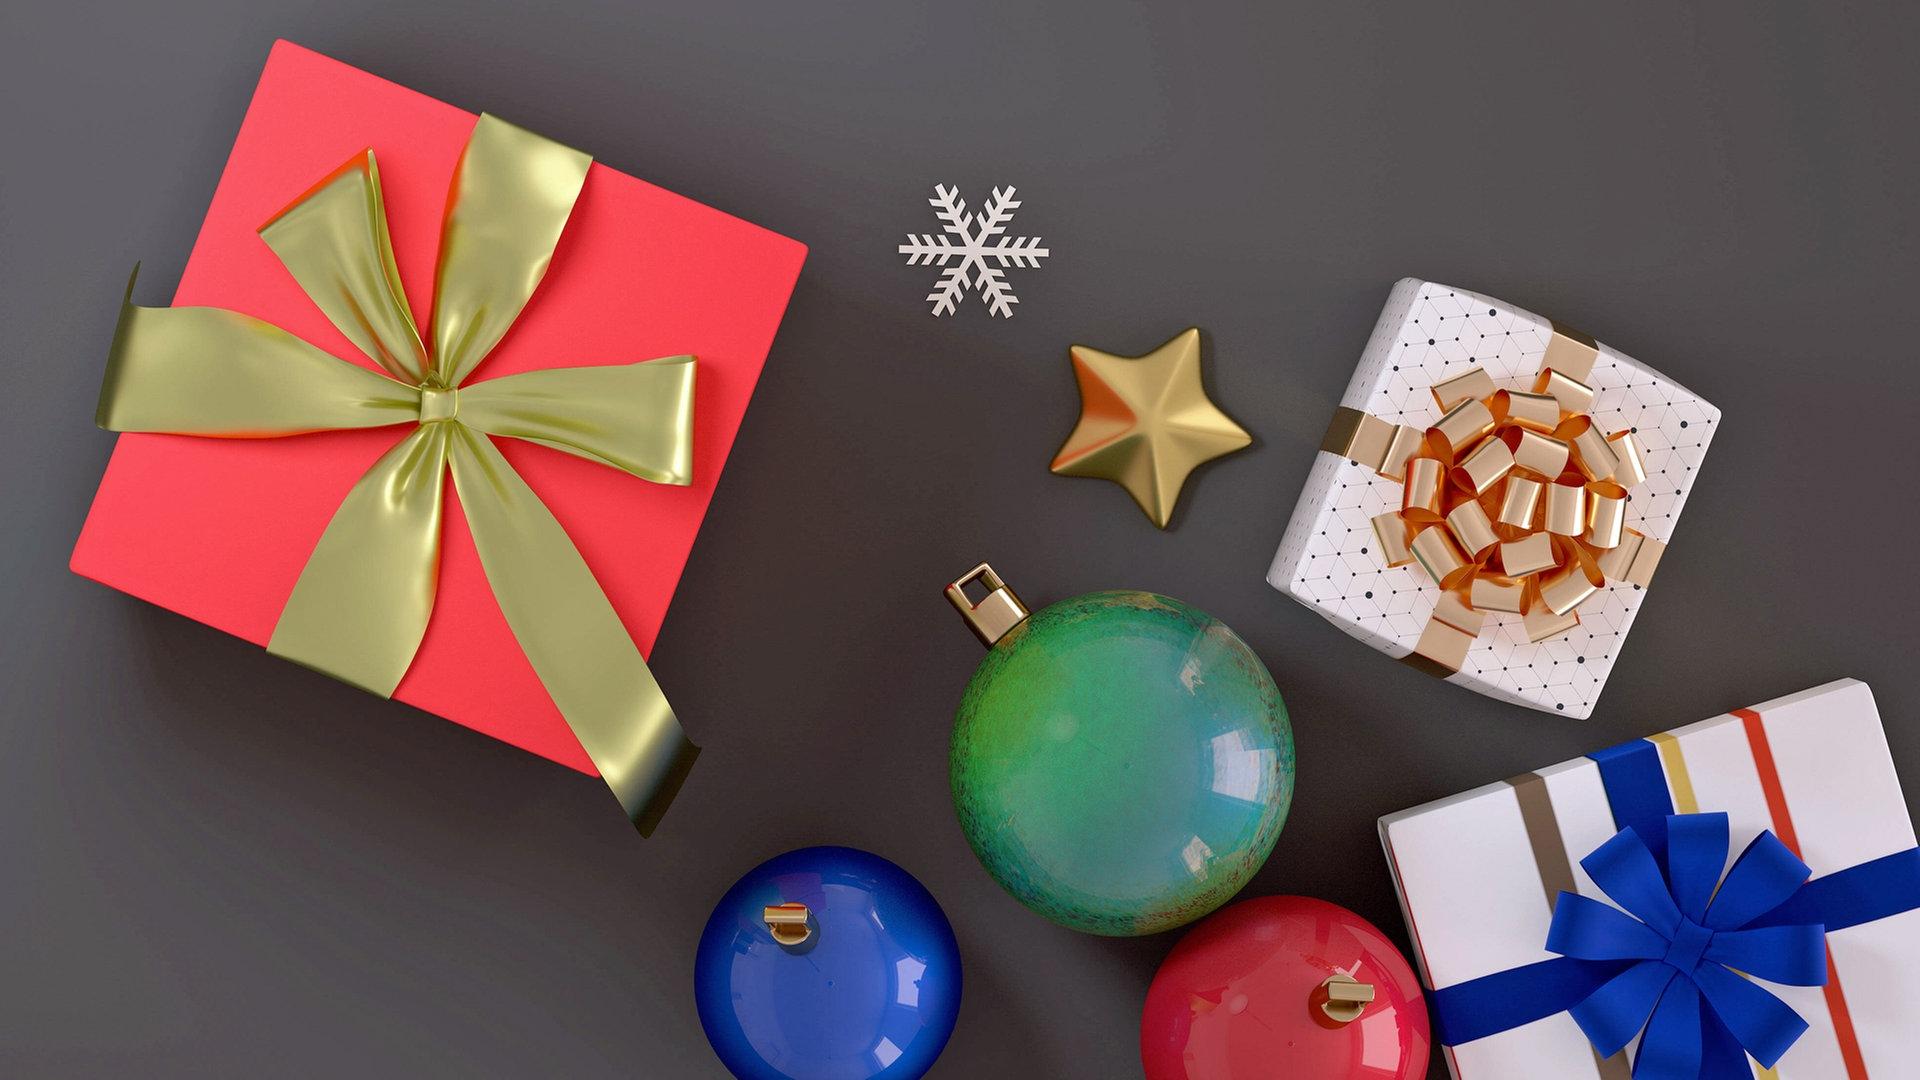 Weihnachts Geschenke In Corona Zeiten Rechtzeitig Kaufen Ndr De Ratgeber Verbraucher